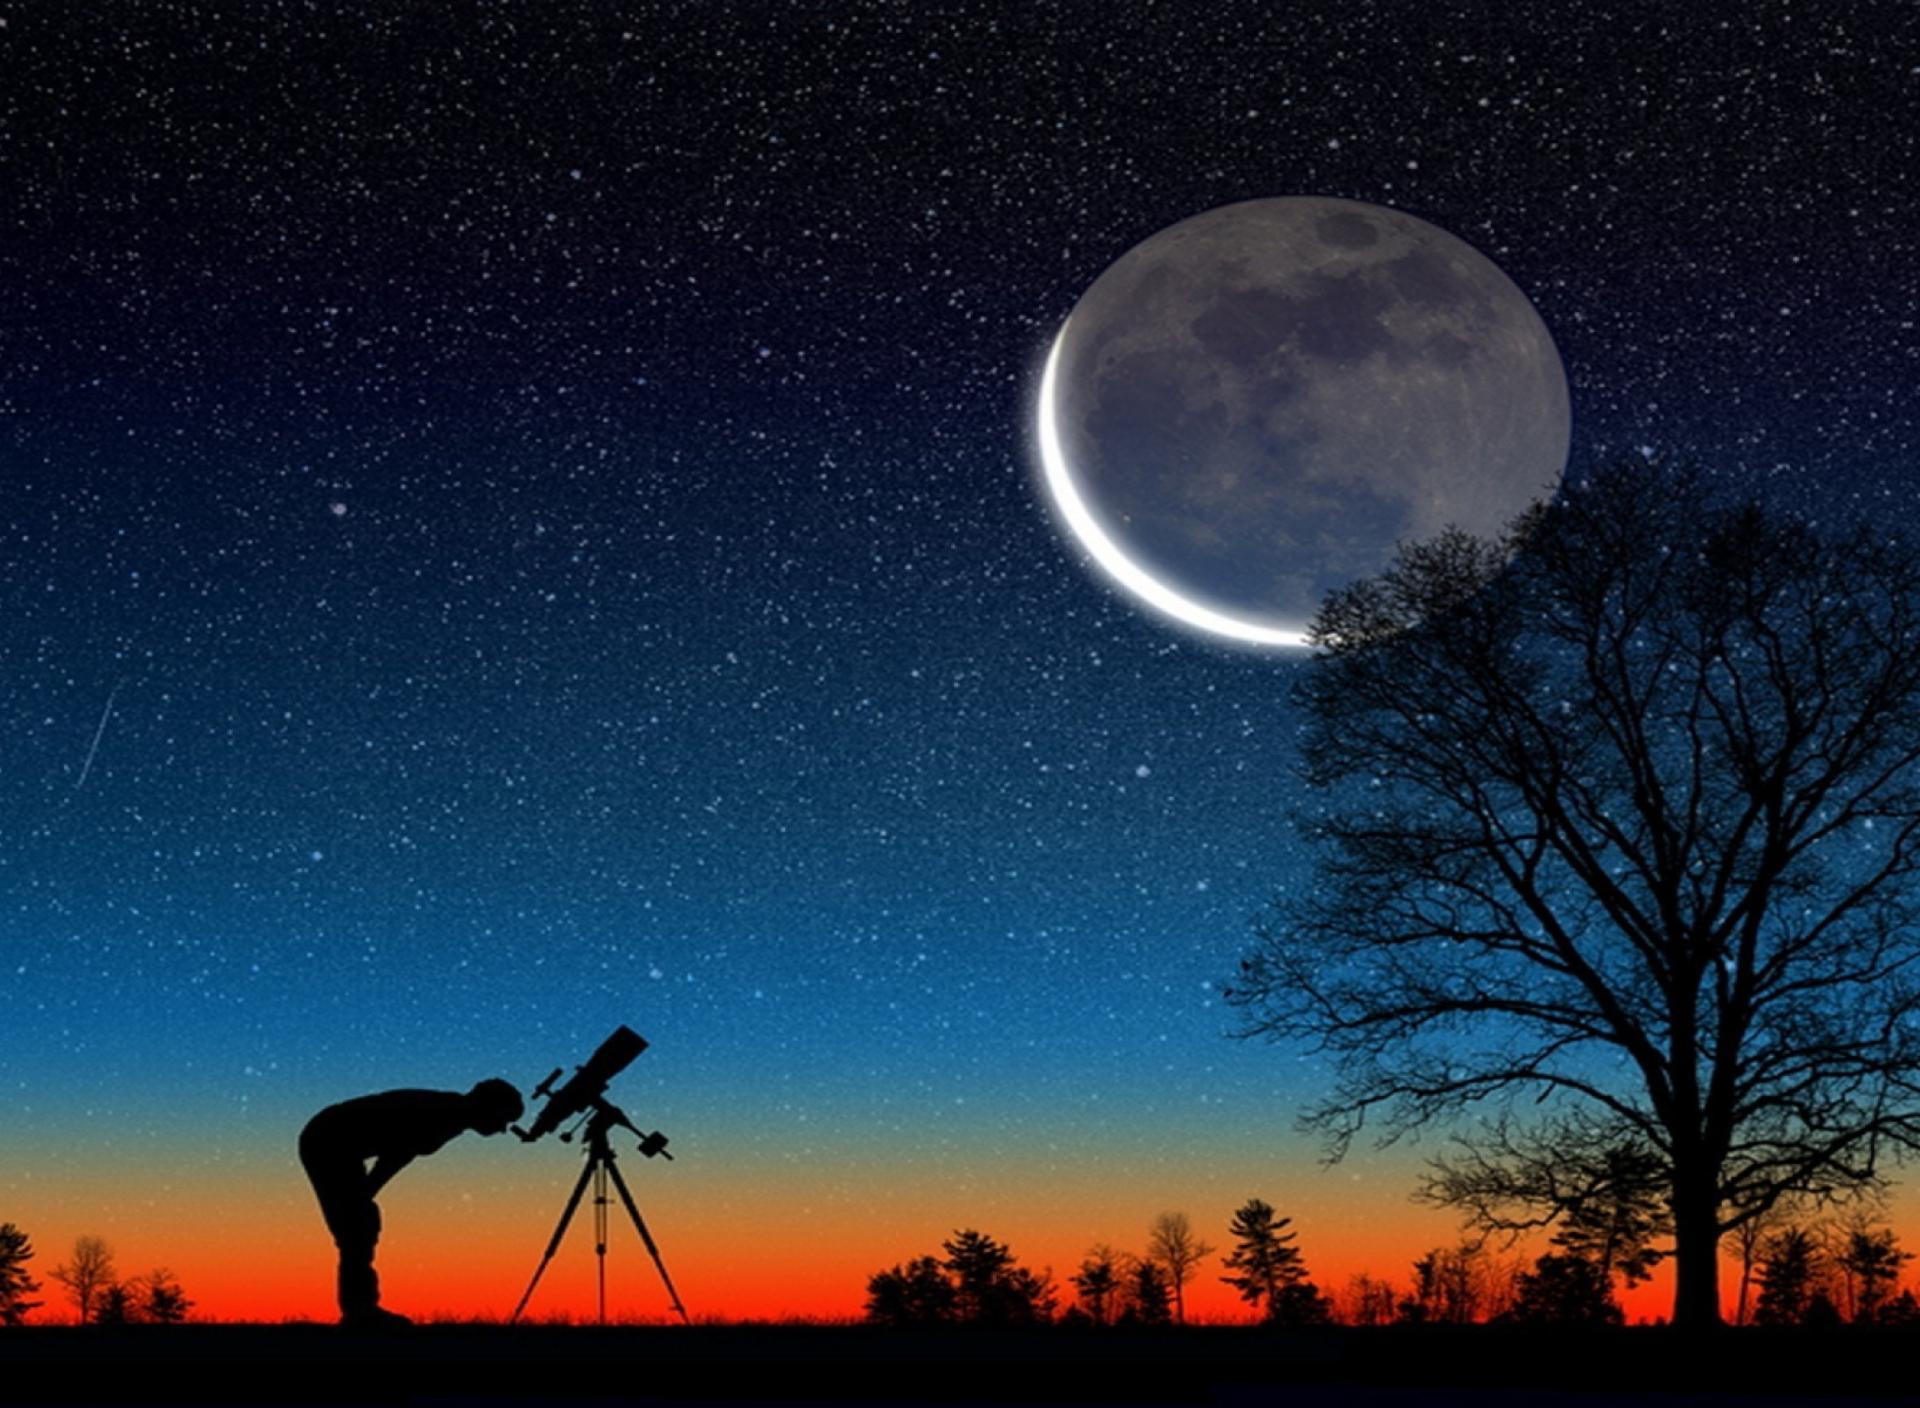 его астрономия картинки красивые была непубличной, ней